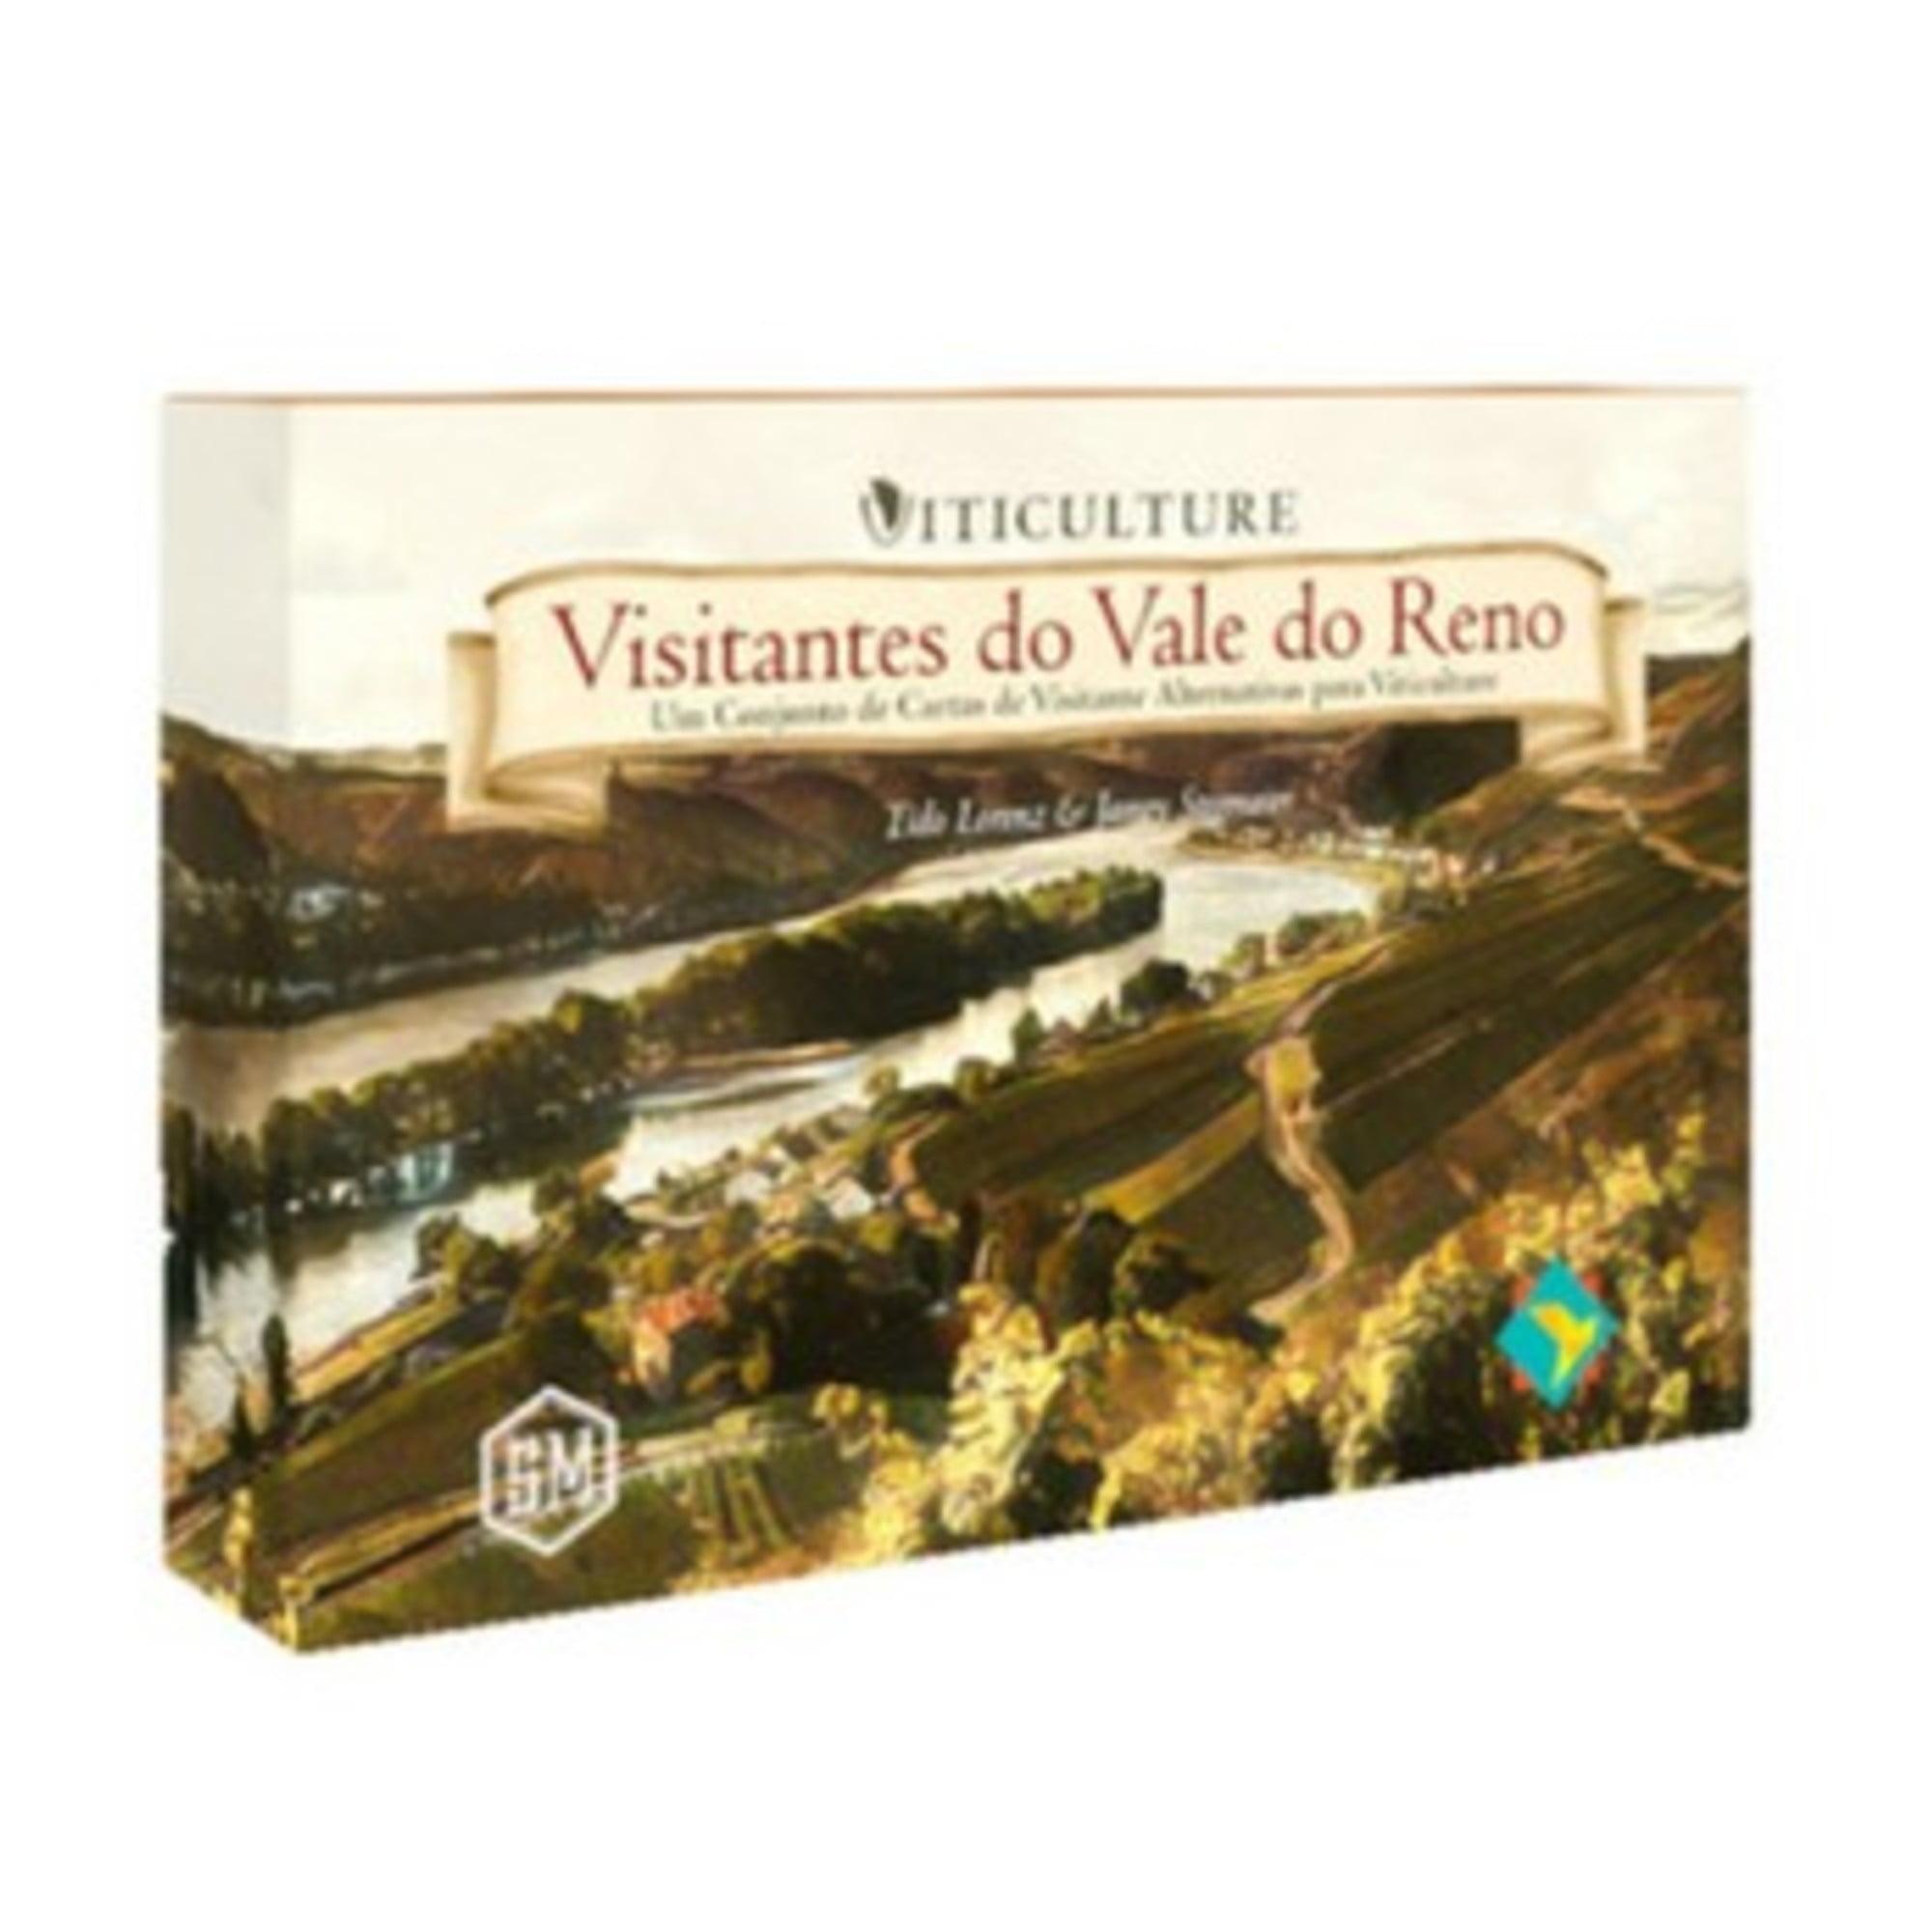 Viticulture - Visitantes do Vale do Reno - Expansão